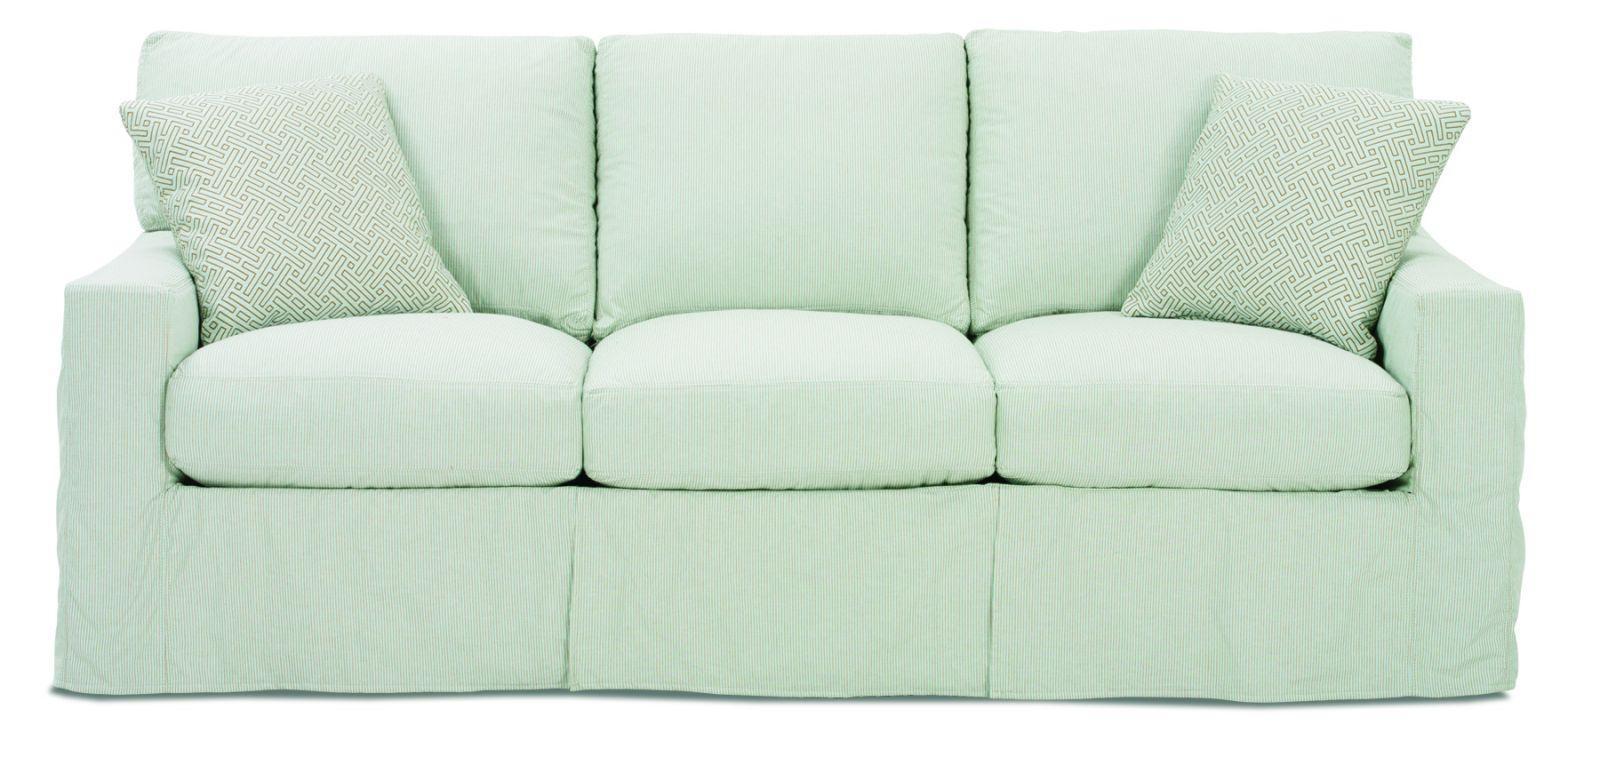 sofa slipcover patterns free mahjong preis 20 photos style sofas ideas